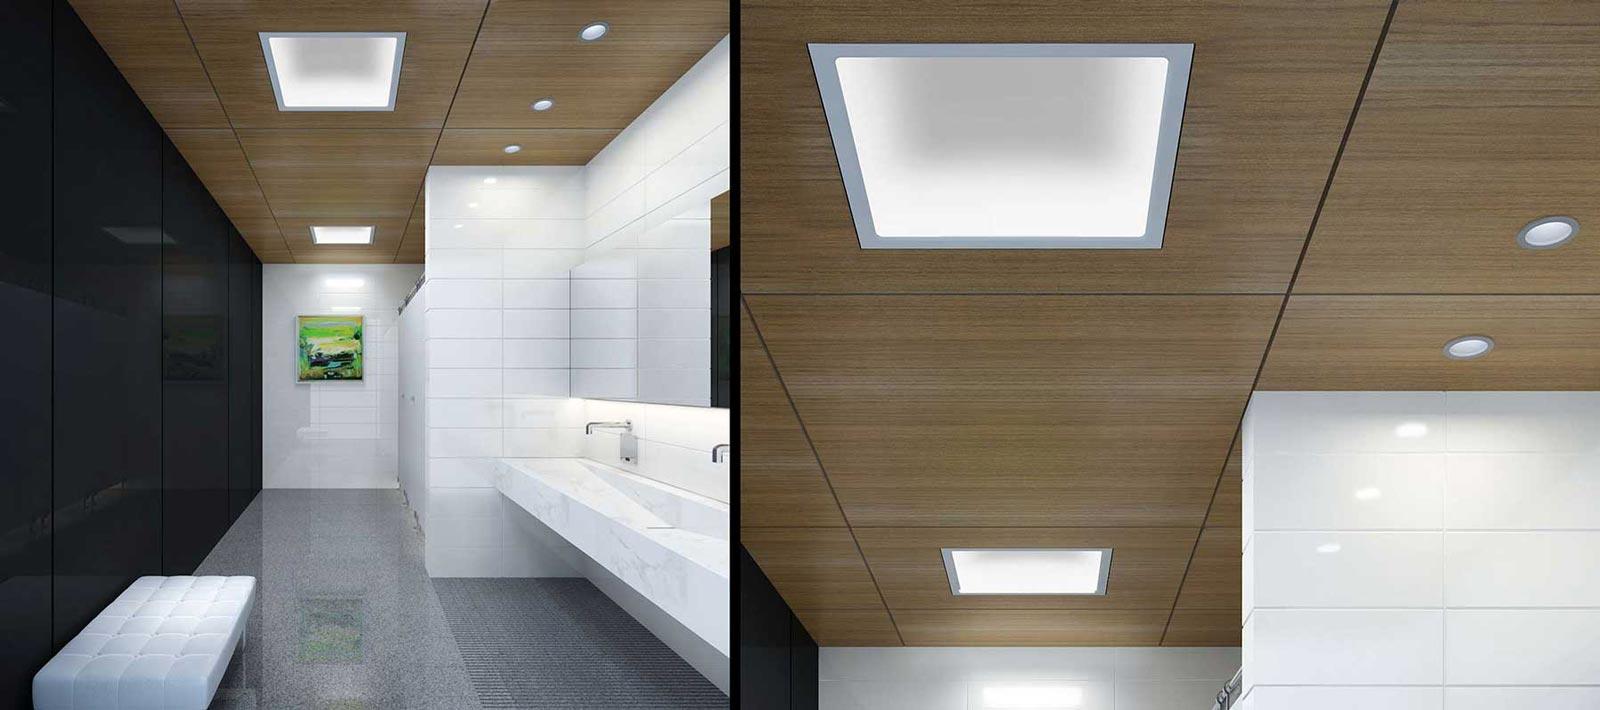 FVAL_restroom